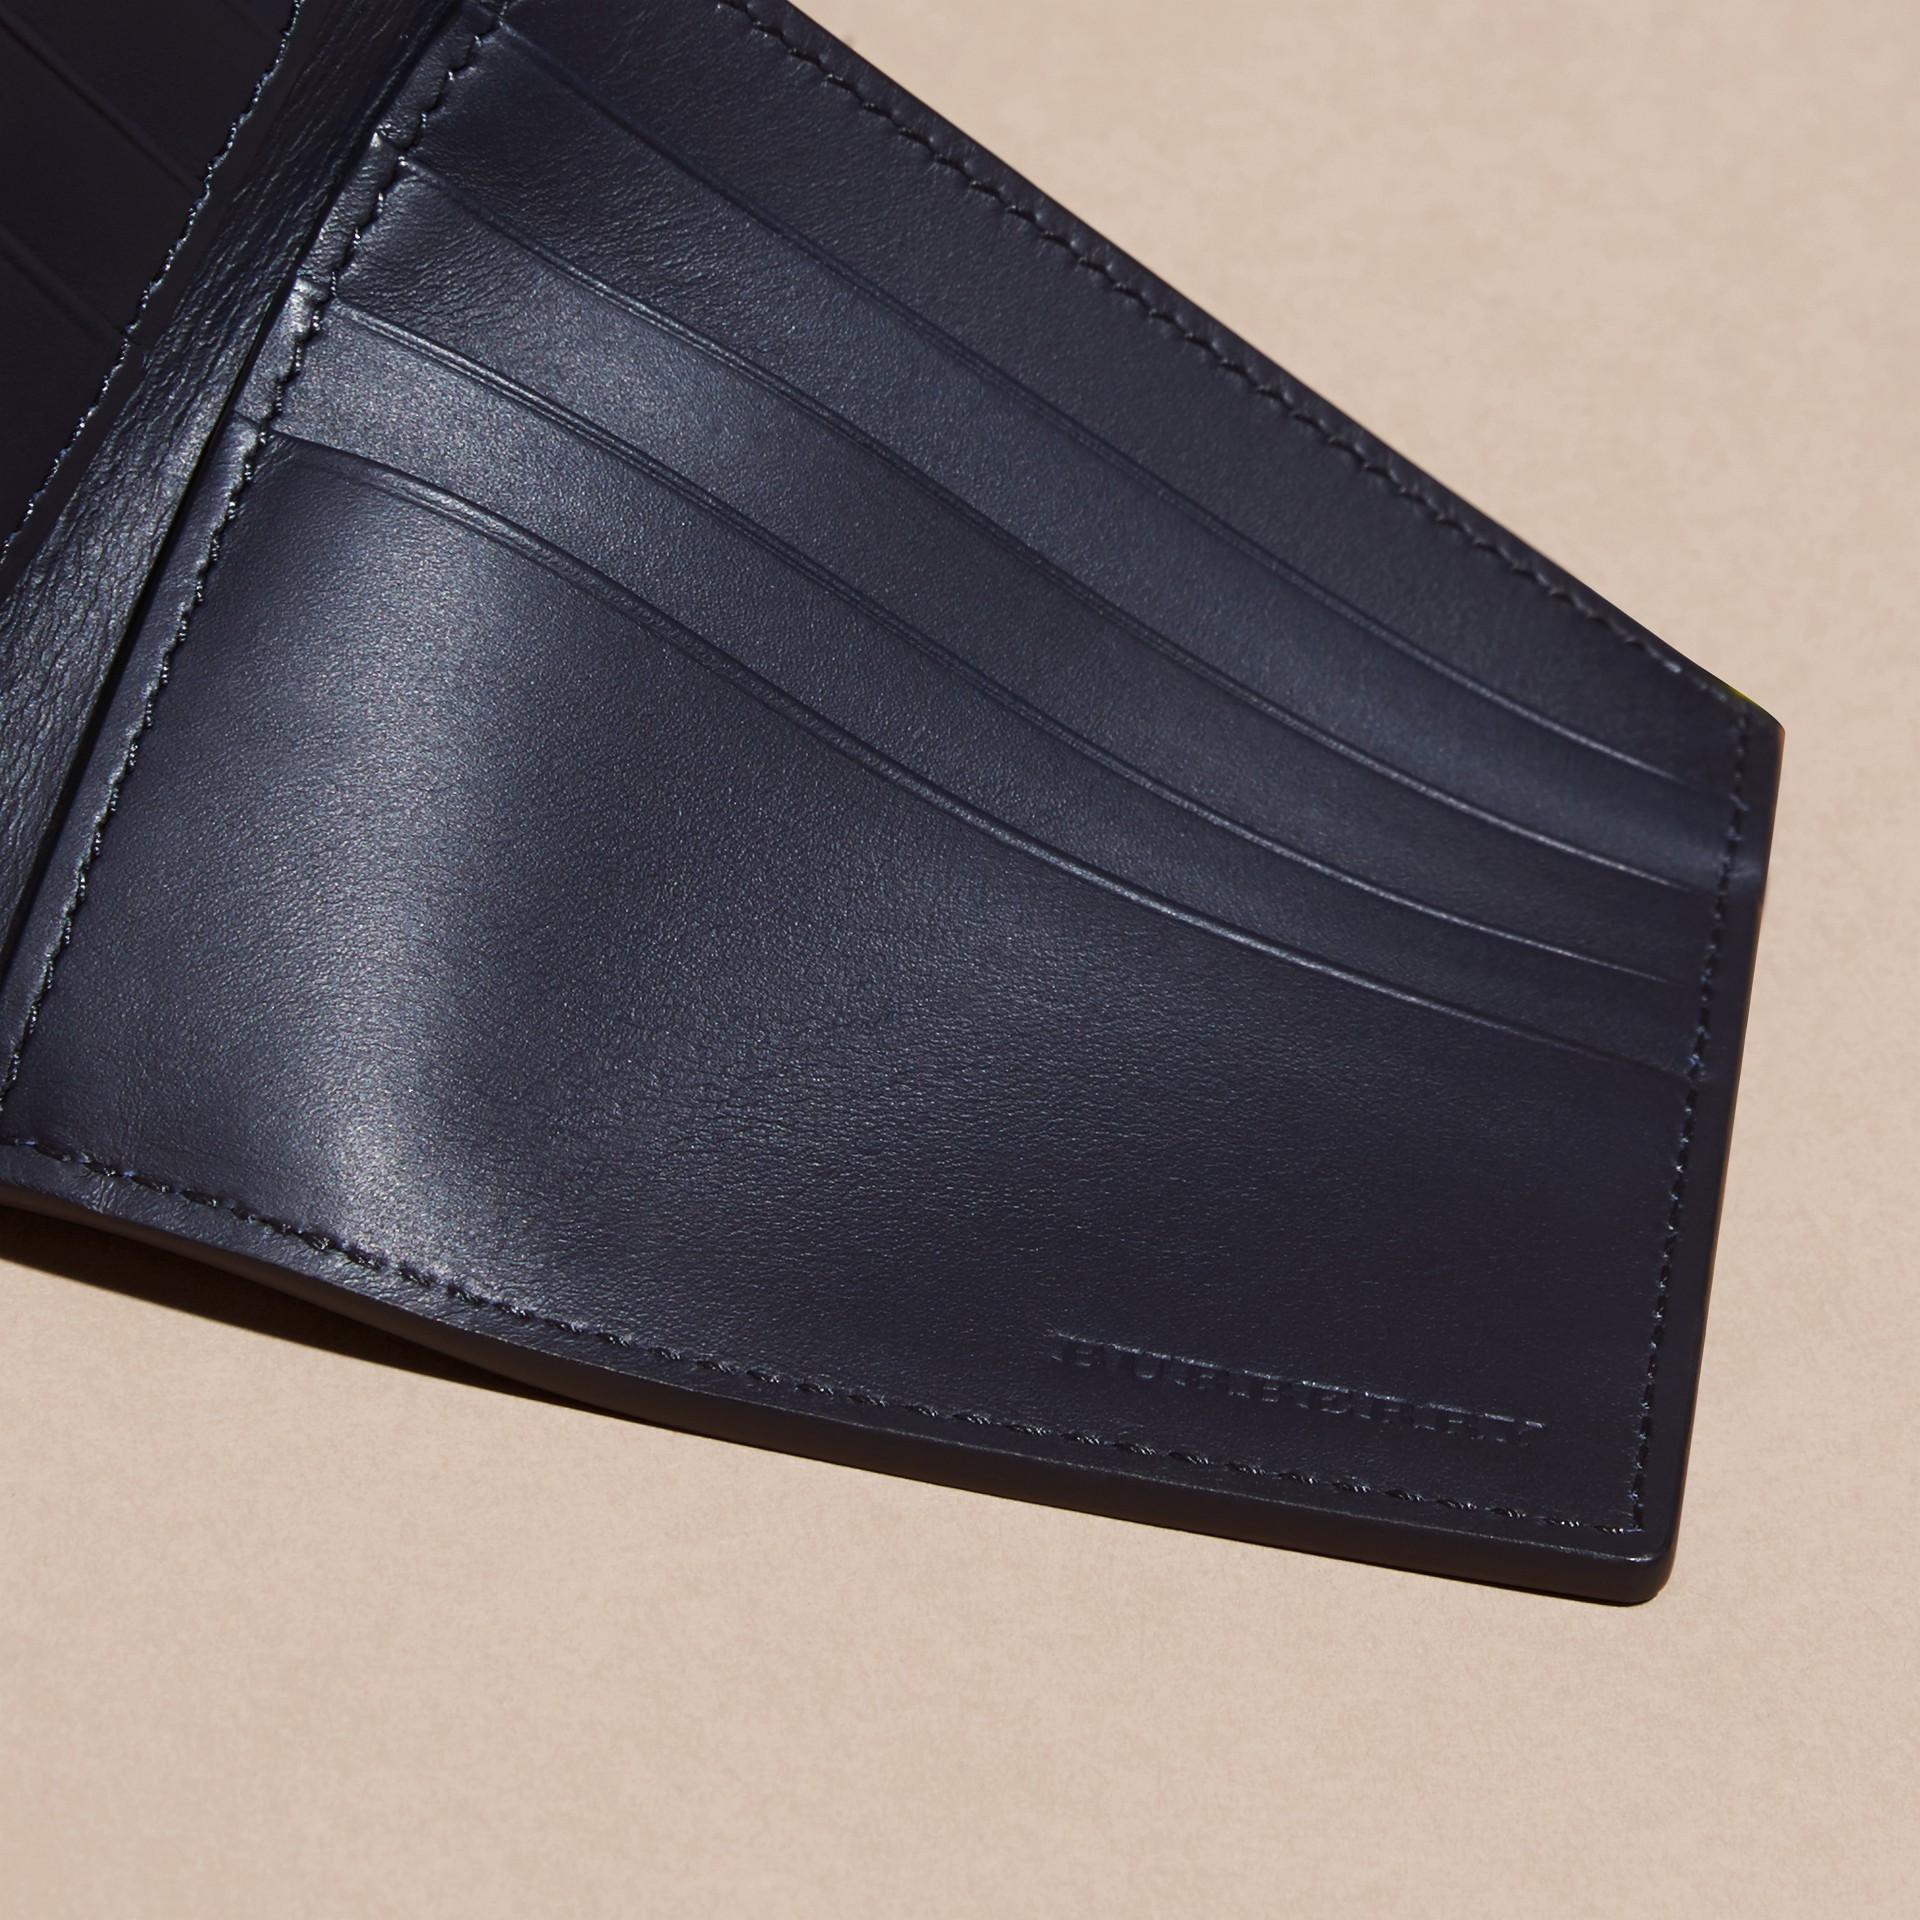 Navy scuro/blu minerale Portafoglio a libro in pelle London con inserti Navy Scuro/blu Minerale - immagine della galleria 2